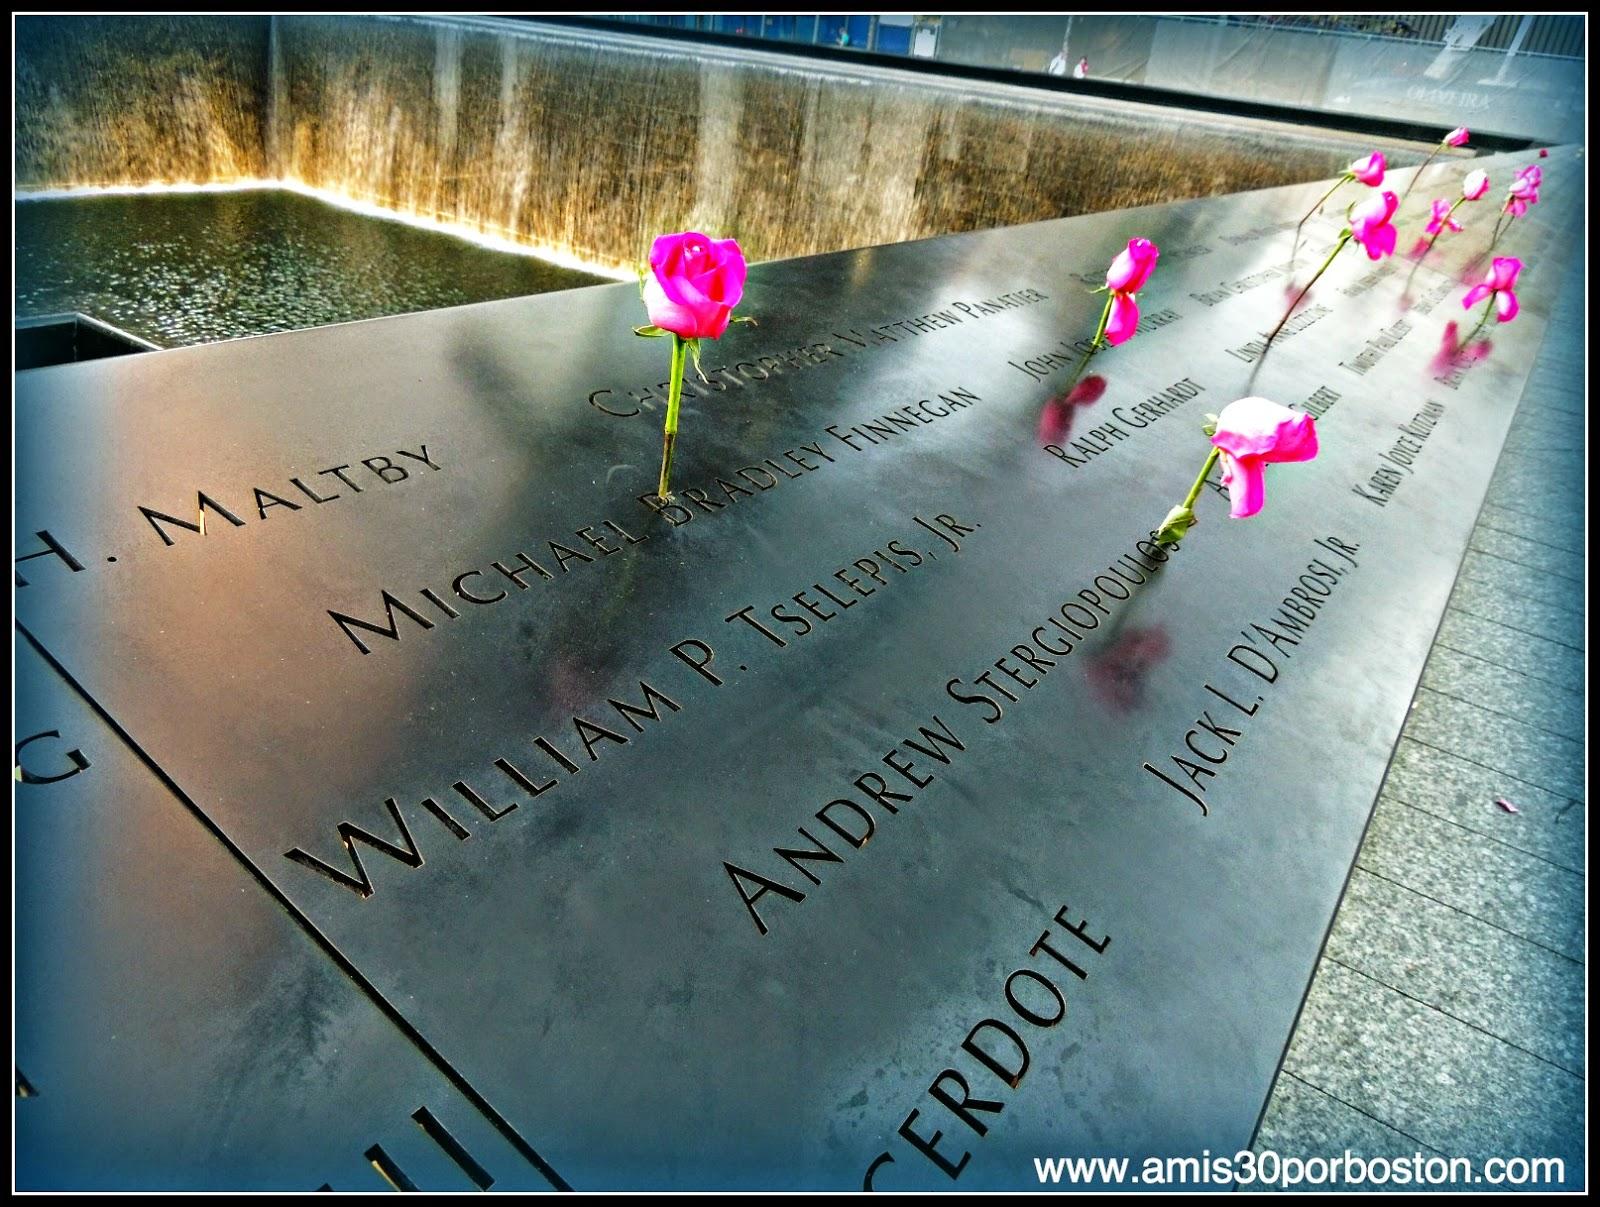 Segunda Visita a Nueva York: 9/11 Memorial Plaza